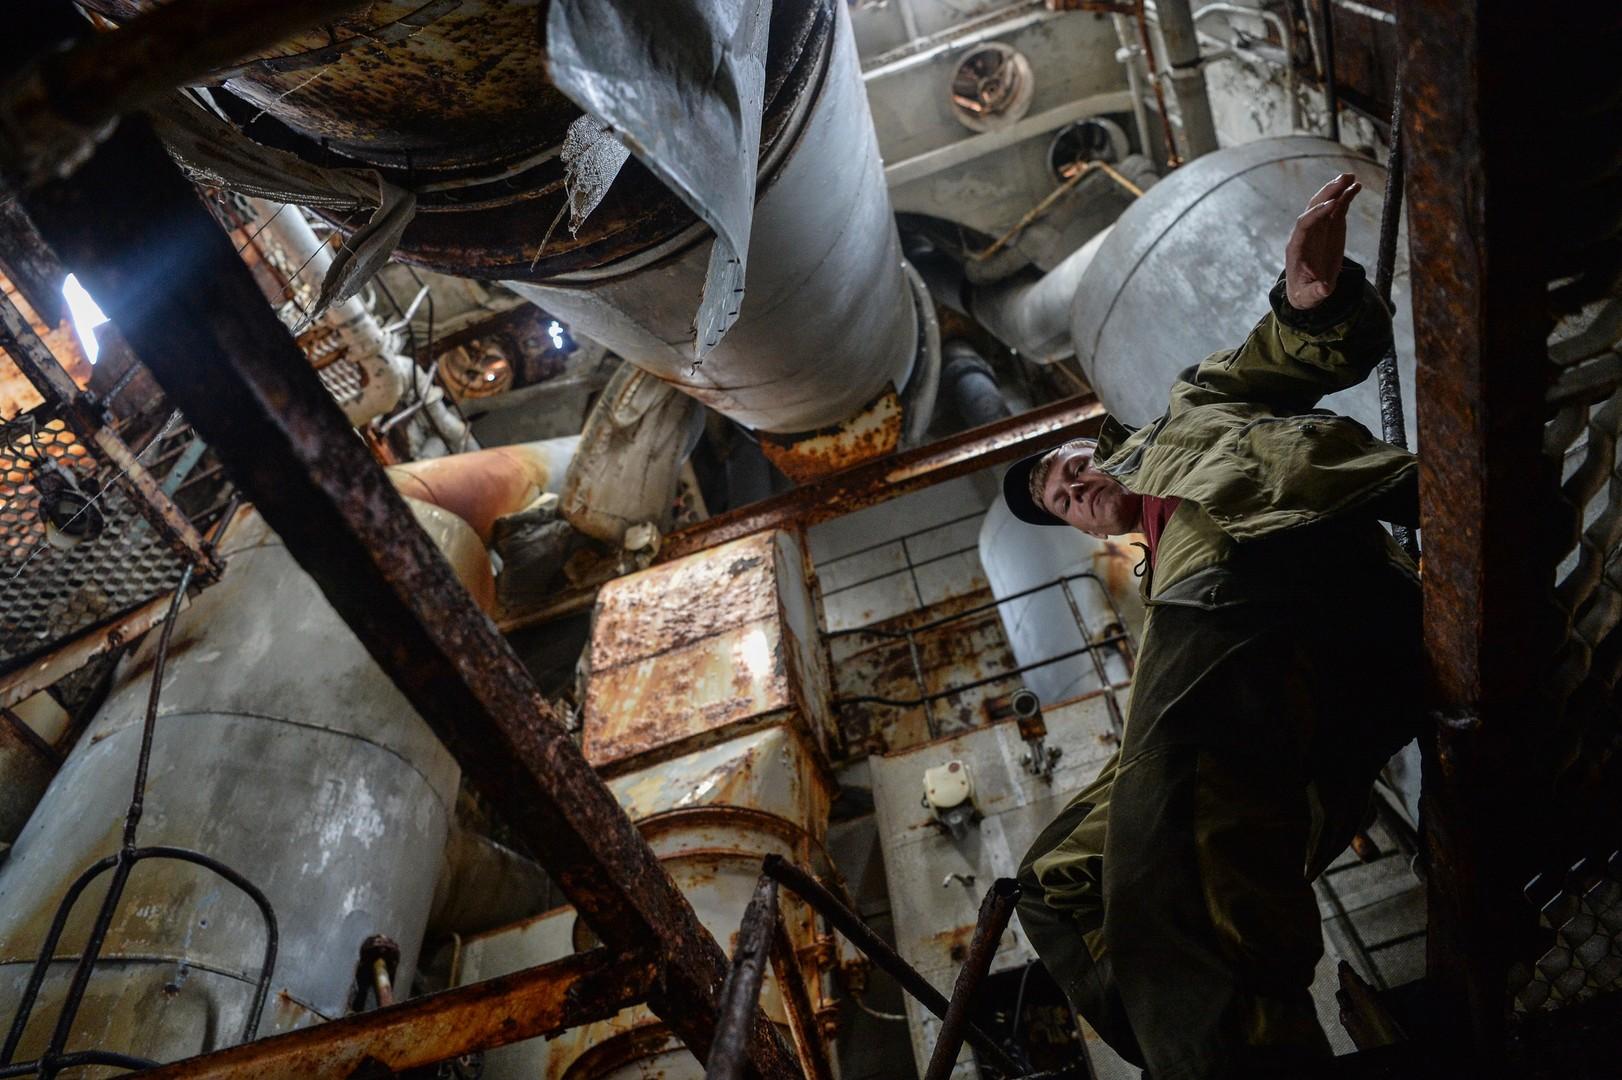 Участник комплексной экспедиции Русского географического общества «Гогланд» на заброшенном океанографическом исследовательском судне (ОИС) «Леонид Дёмин» у острова Гогланд в Финском заливе.